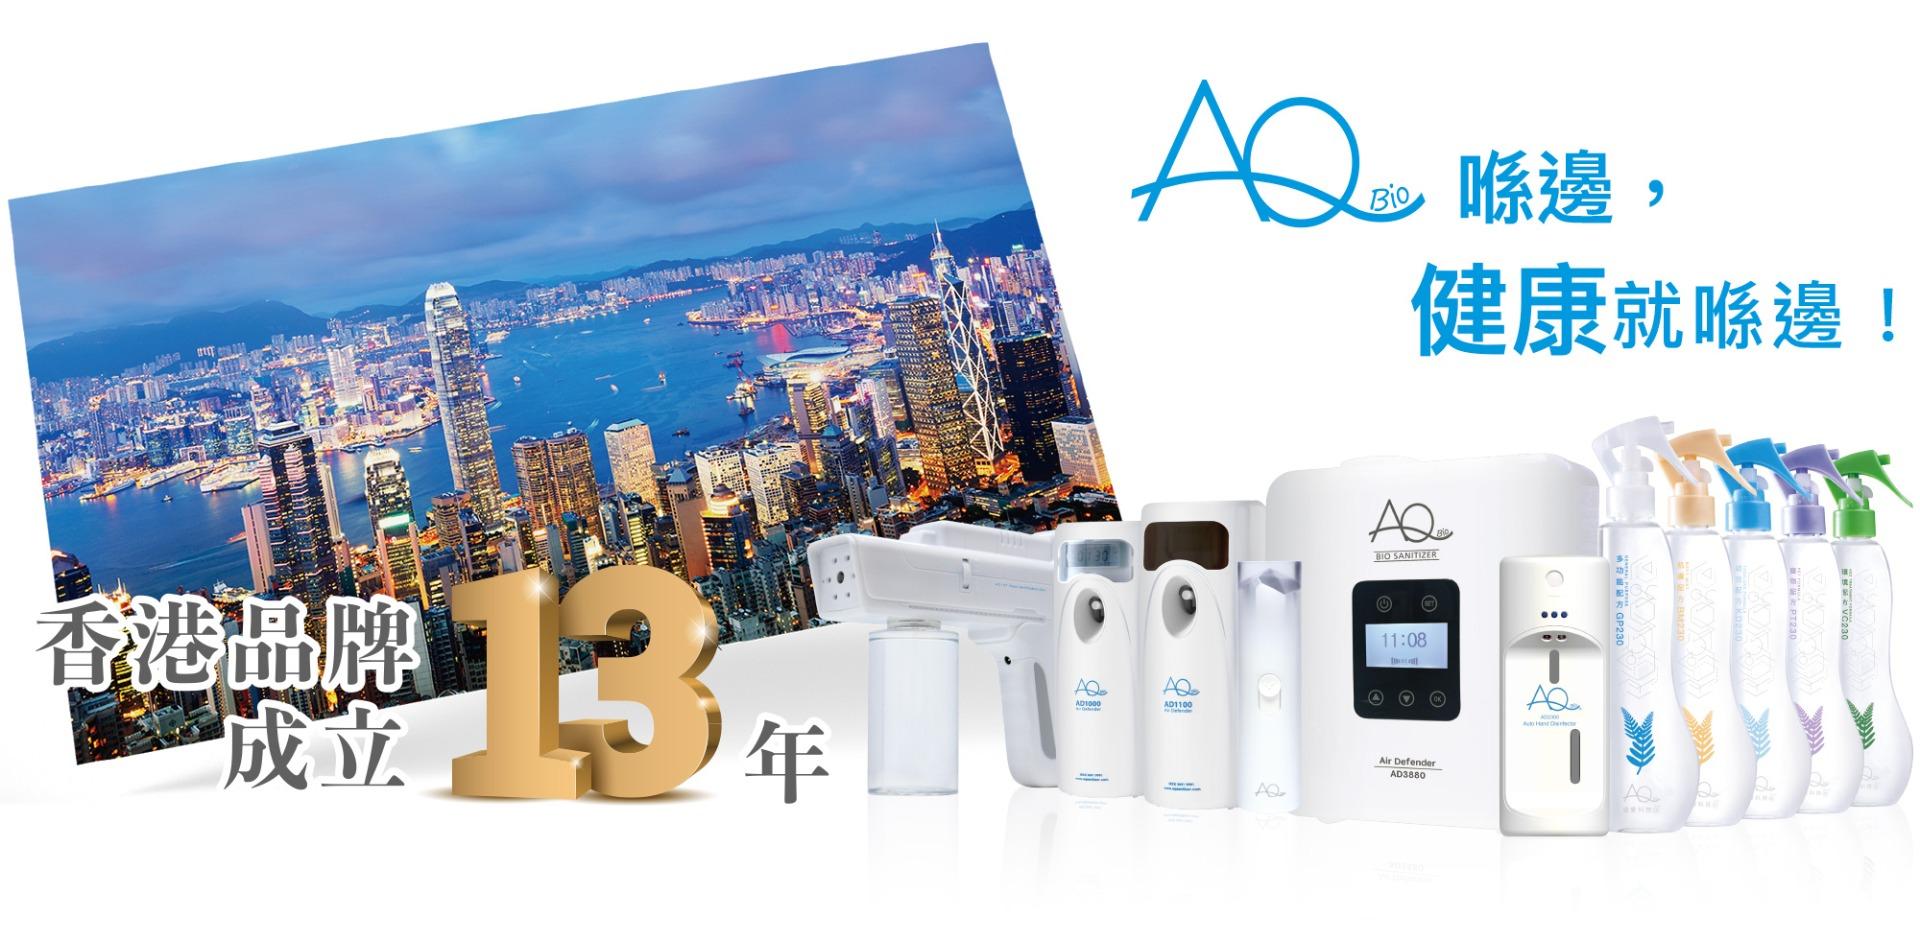 AQ 品牌,AQ Bio消毒殺菌噴霧、殺菌達99.9999%, 對抗濕疹,暗瘡,皮膚敏感,念珠菌,鼻敏感,喉嚨痛, 助皮膚修護細胞, 產生抗菌能